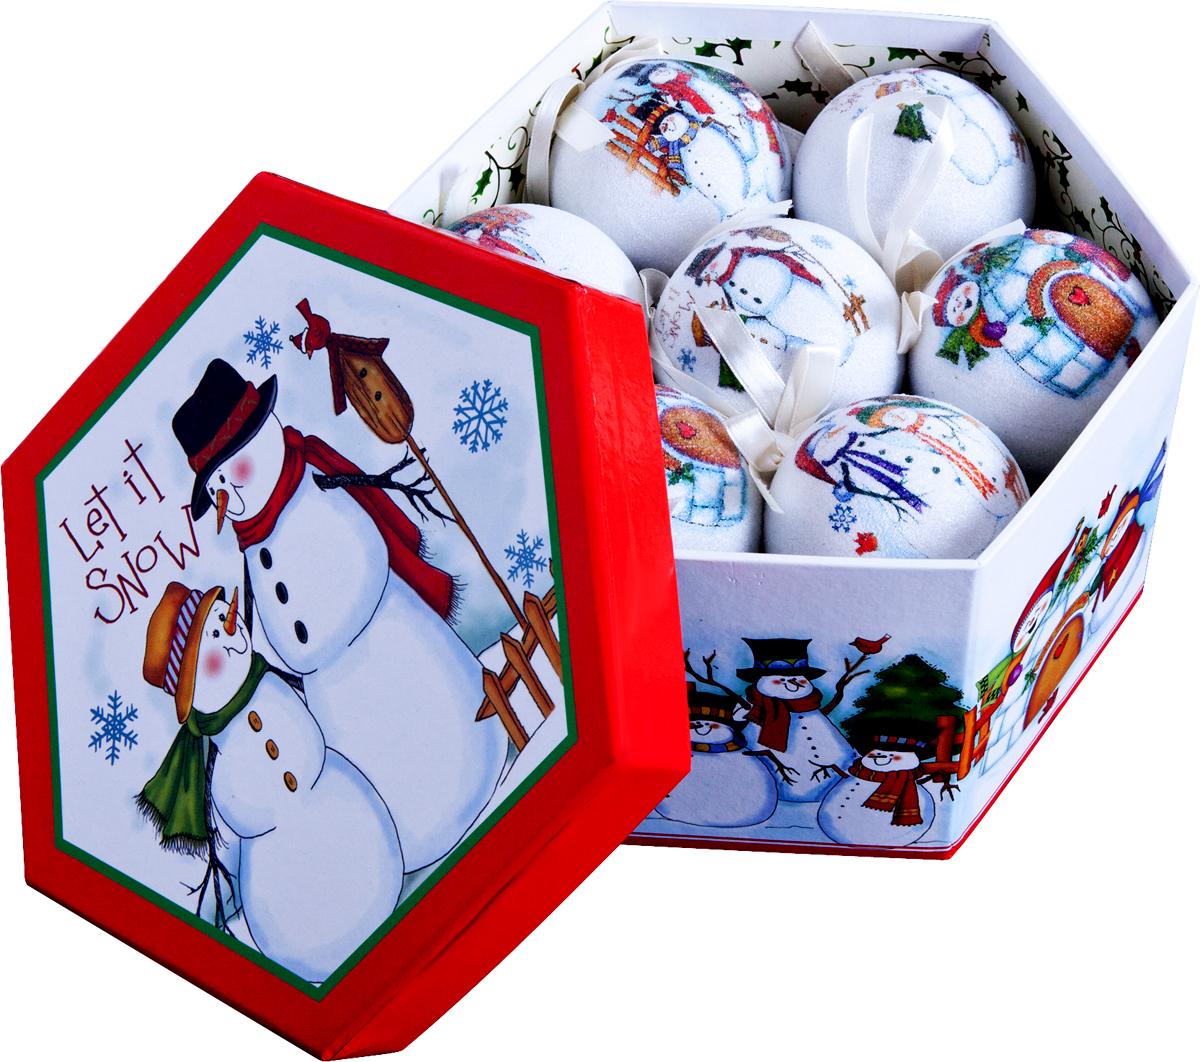 Набор новогодних подвесных украшений Mister Christmas Папье-маше, диаметр 7,5 см, 14 шт. PM-25-14PM-25-14Набор Mister Christmas Папье-маше состоит из 14подвесных украшений ручной работы, изготовленных втехнике папье-маше. Такие шары очень легкие, но в то жевремя удивительно прочные. На создание одной такойигрушки уходит несколько дней. И в результате получаетсянастоящее произведение искусства!Все изделия оснащены атласной ленточкой с логотипомбренда Mister Christmas для подвешивания.Такие украшения станут превосходным подарком кНовому году, а также дополнят коллекцию оригинальныхновогодних елочных игрушек.